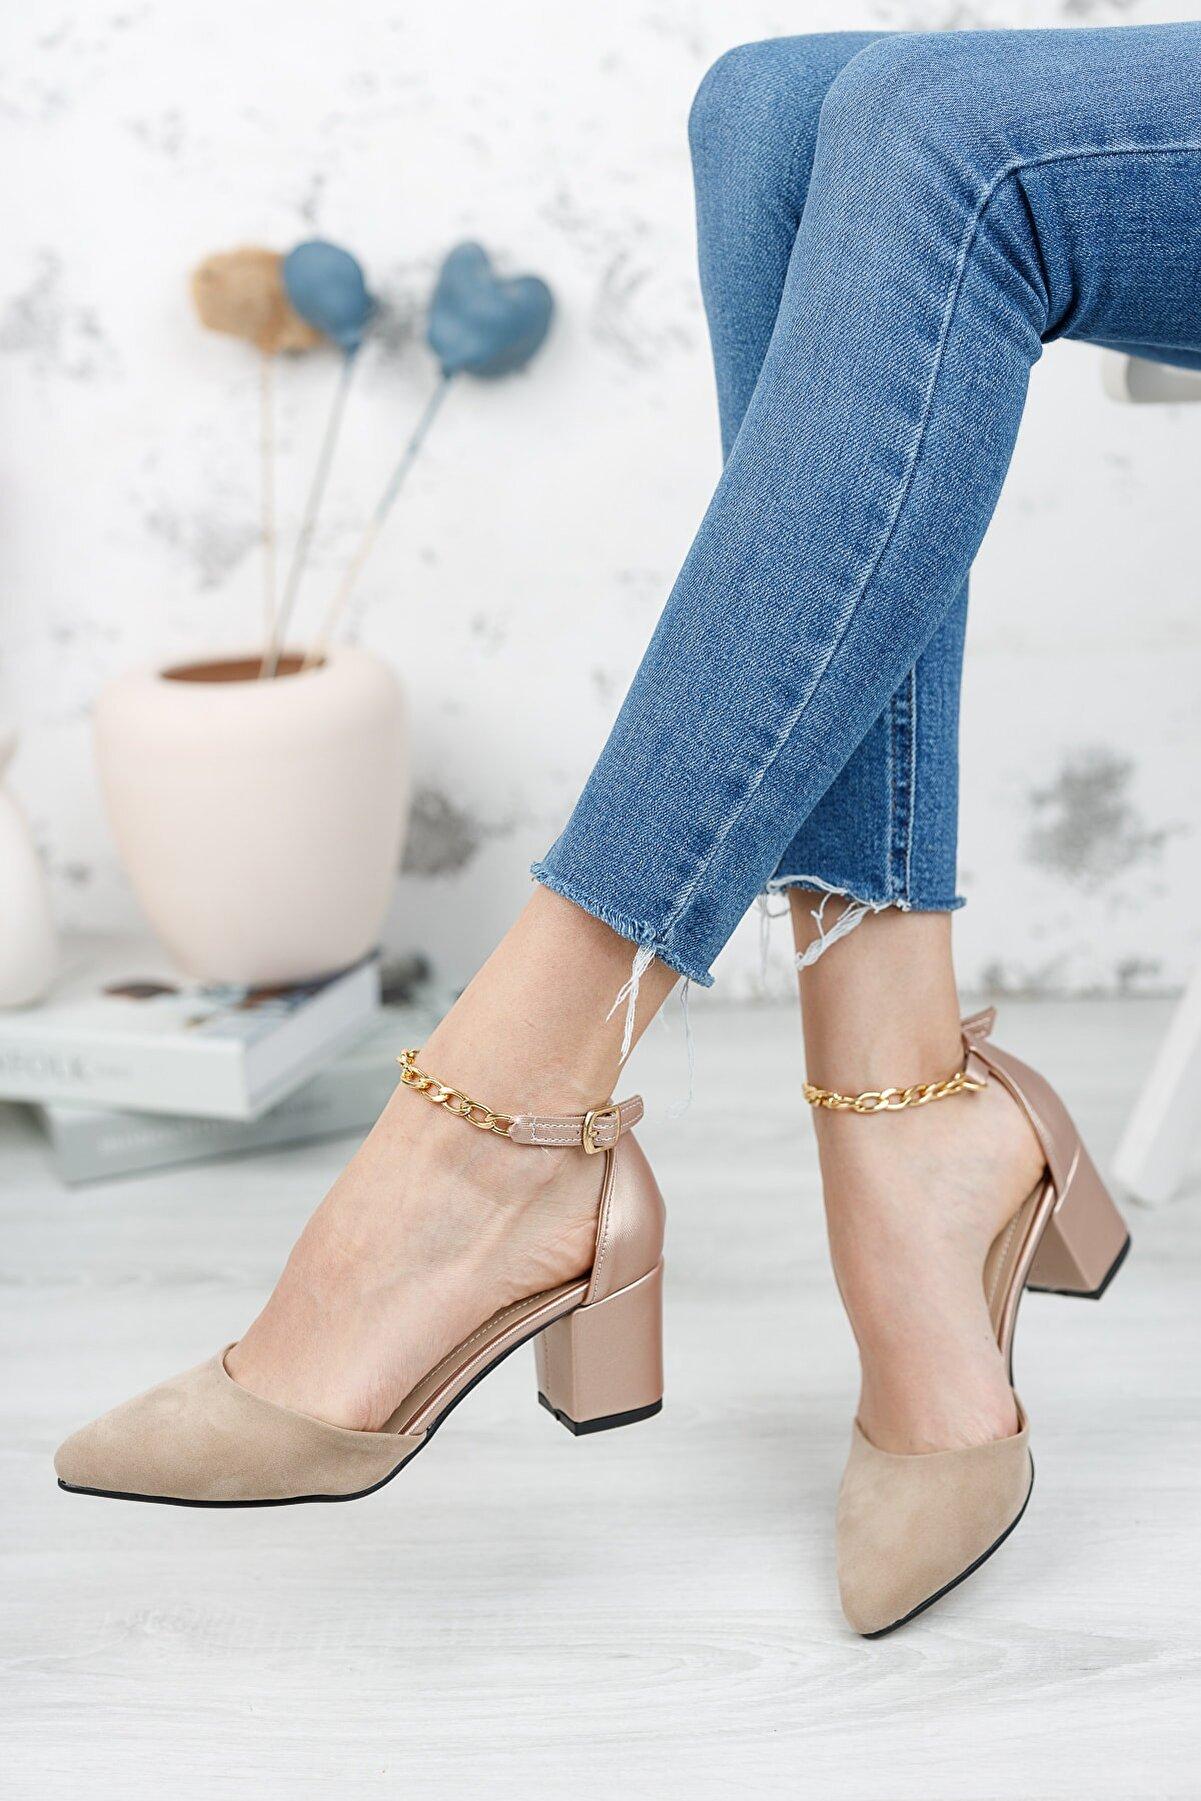 owwo club Kadın, Bilekten Zincirli, Klasik Kısa Topuklu Ayakkabı